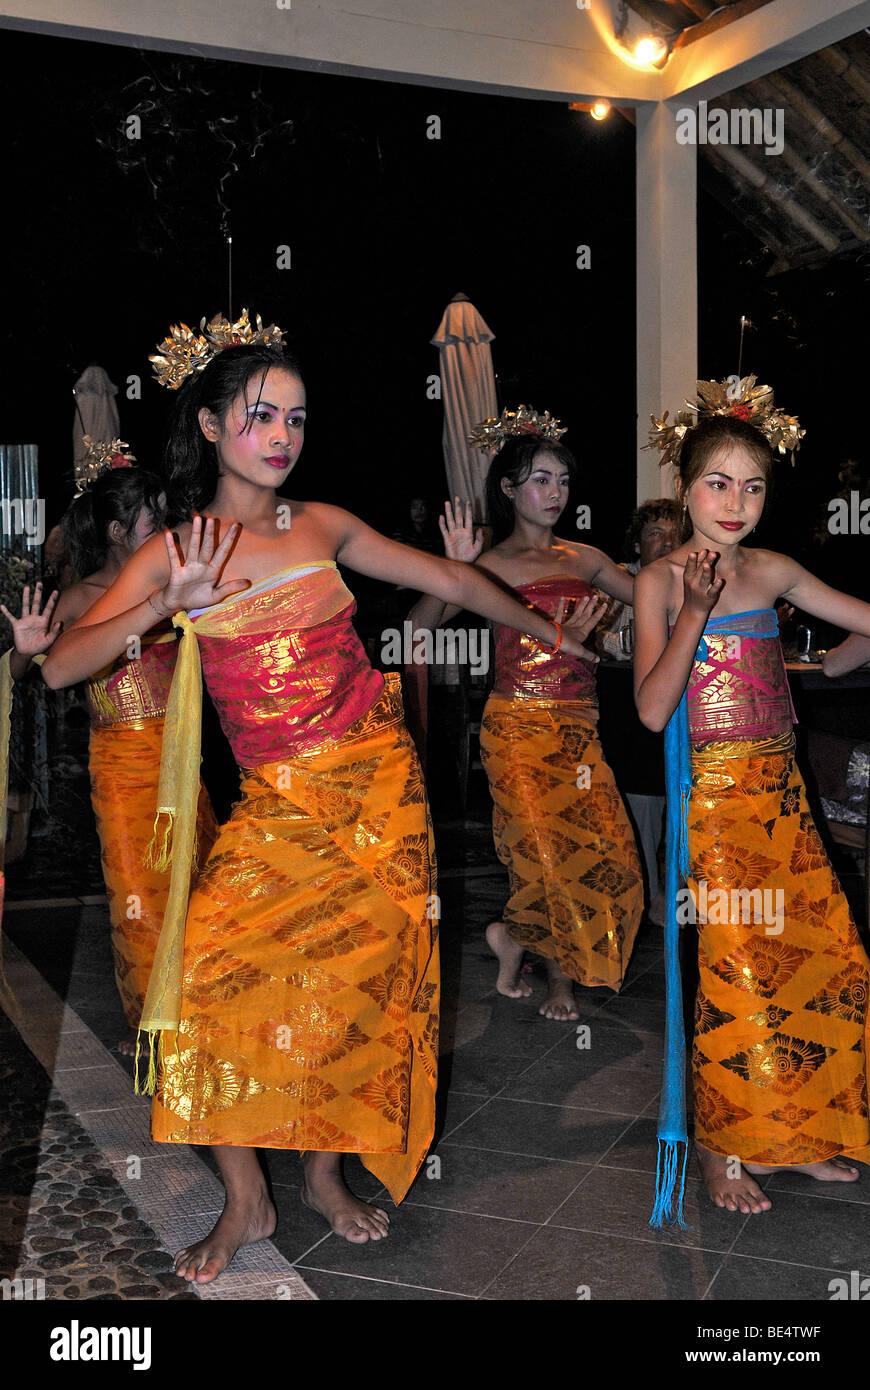 Balinesische Mädchen tanzen während Abendessen, Amed, Bali, Indonesien, Südostasien Stockbild